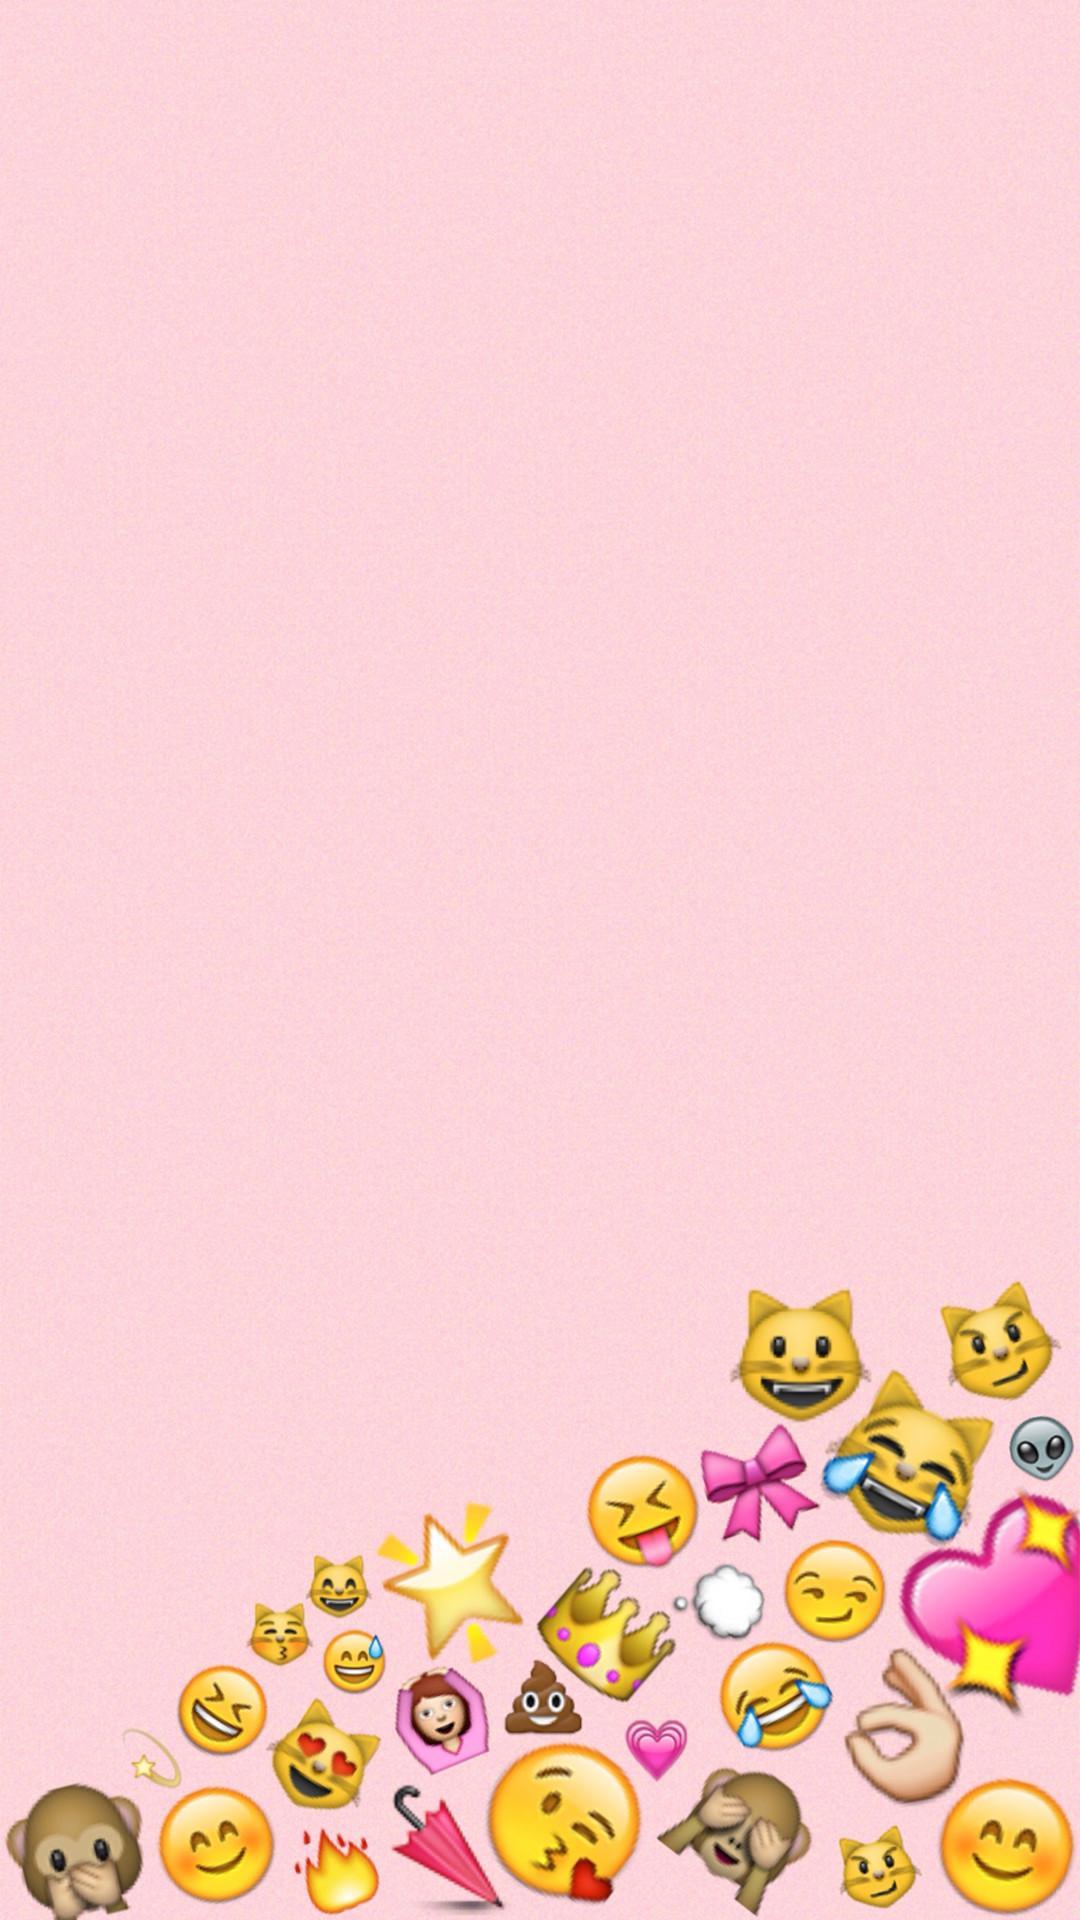 Iphone Tumblr Emoji Wallpapers Wallpaper Cave